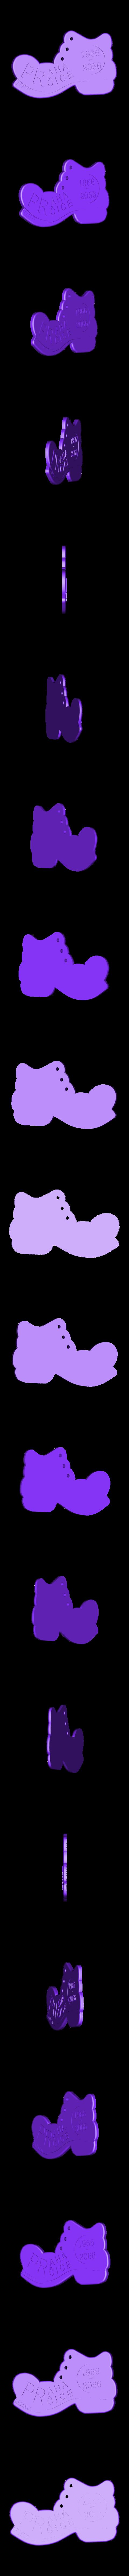 PPP1966-2066.stl Télécharger fichier STL gratuit Botička / Chaussure (récompense du voyage de randonnée tchèque Praha - Prčice) • Design imprimable en 3D, tomast